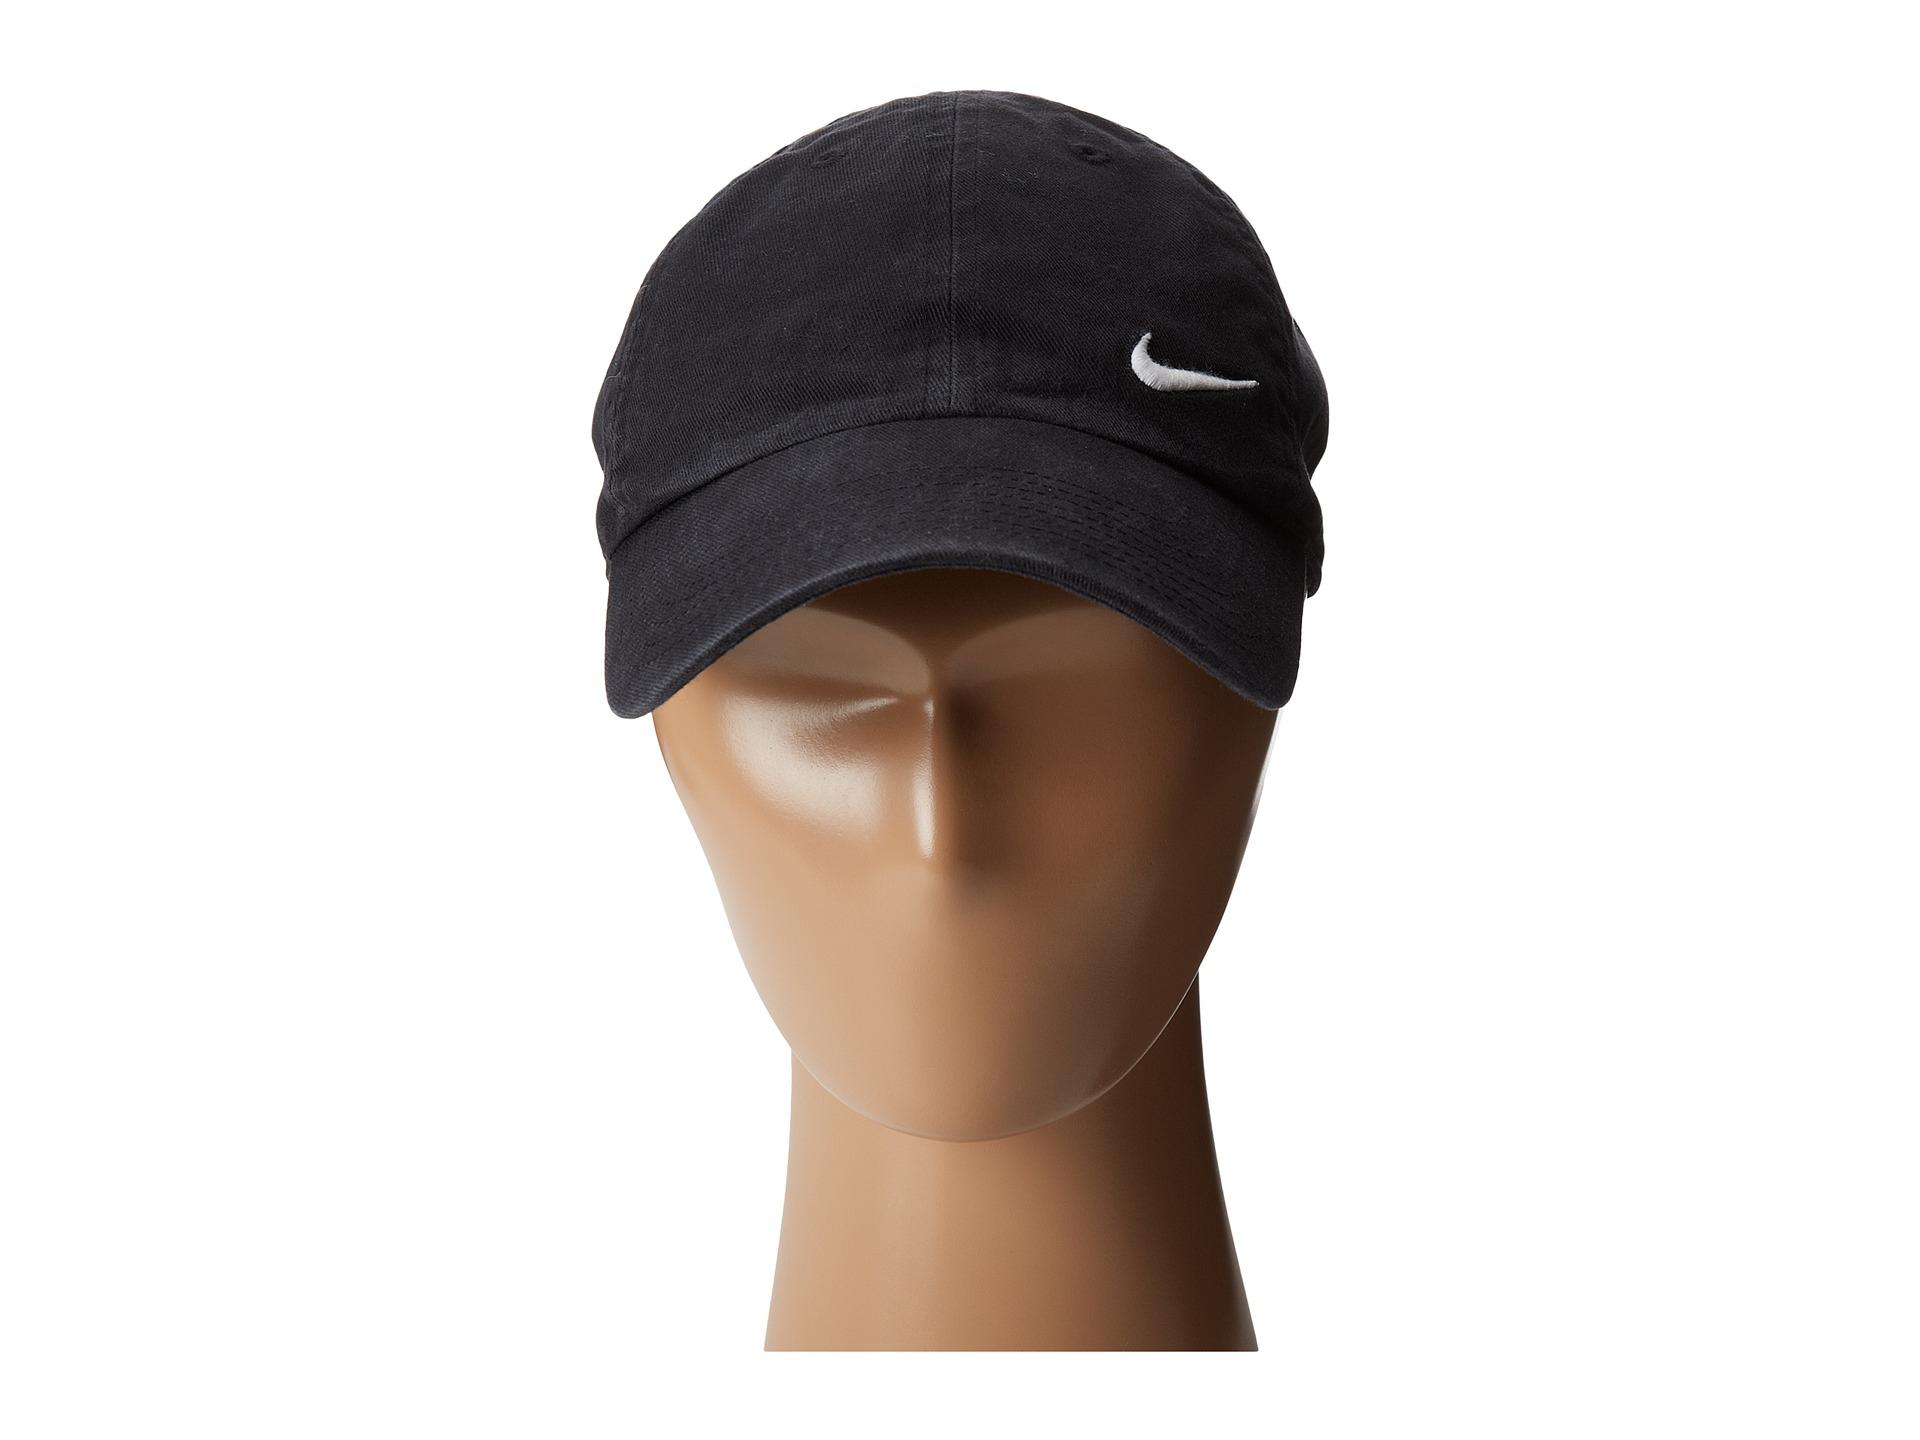 Lyst - Nike Heritage 86 Swoosh Cap in Black 8c8530bcf9b